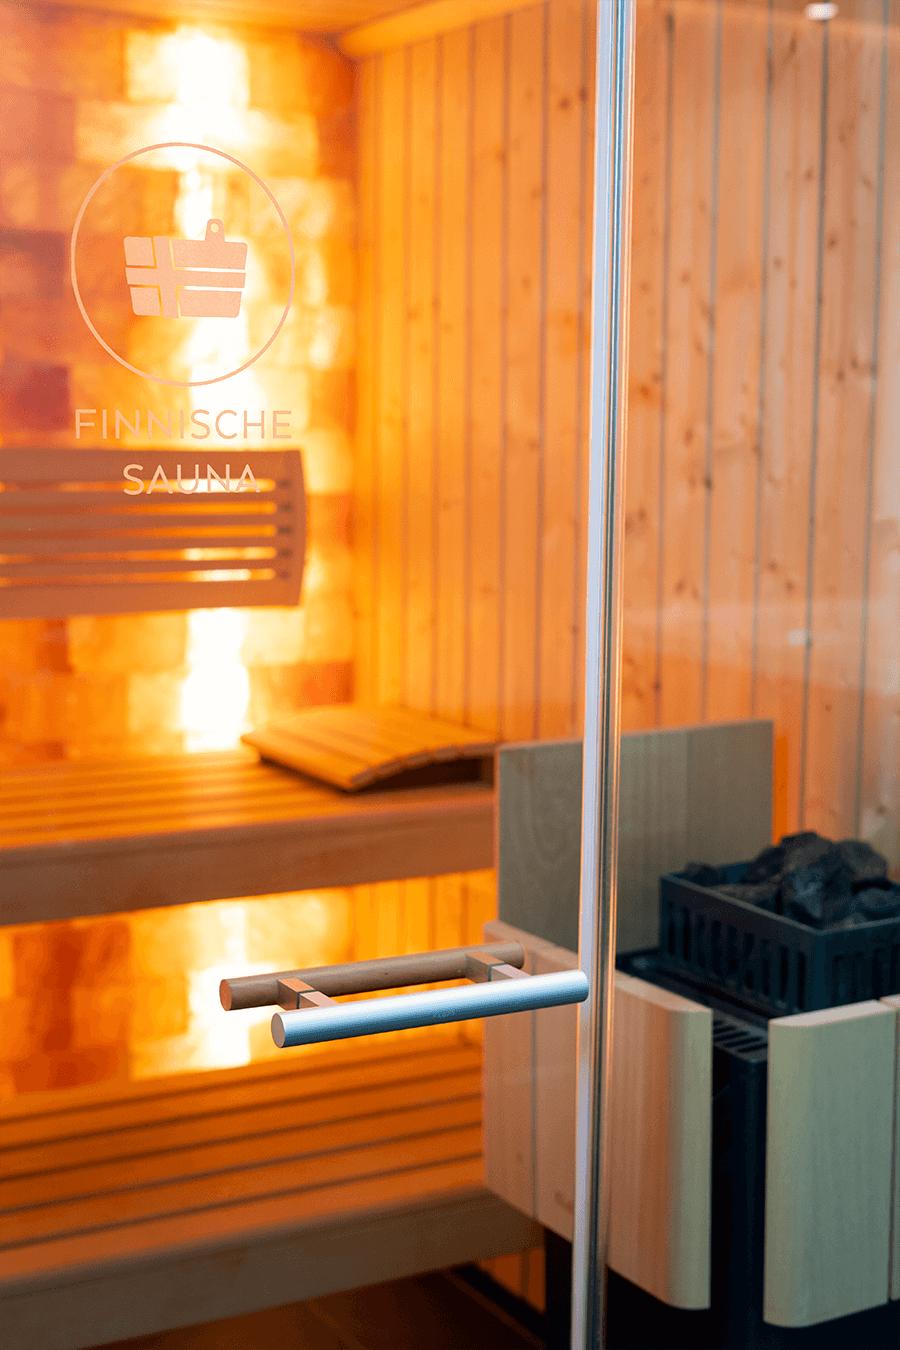 Finnische Sauna Berlin Wilmersdorf Mywellness